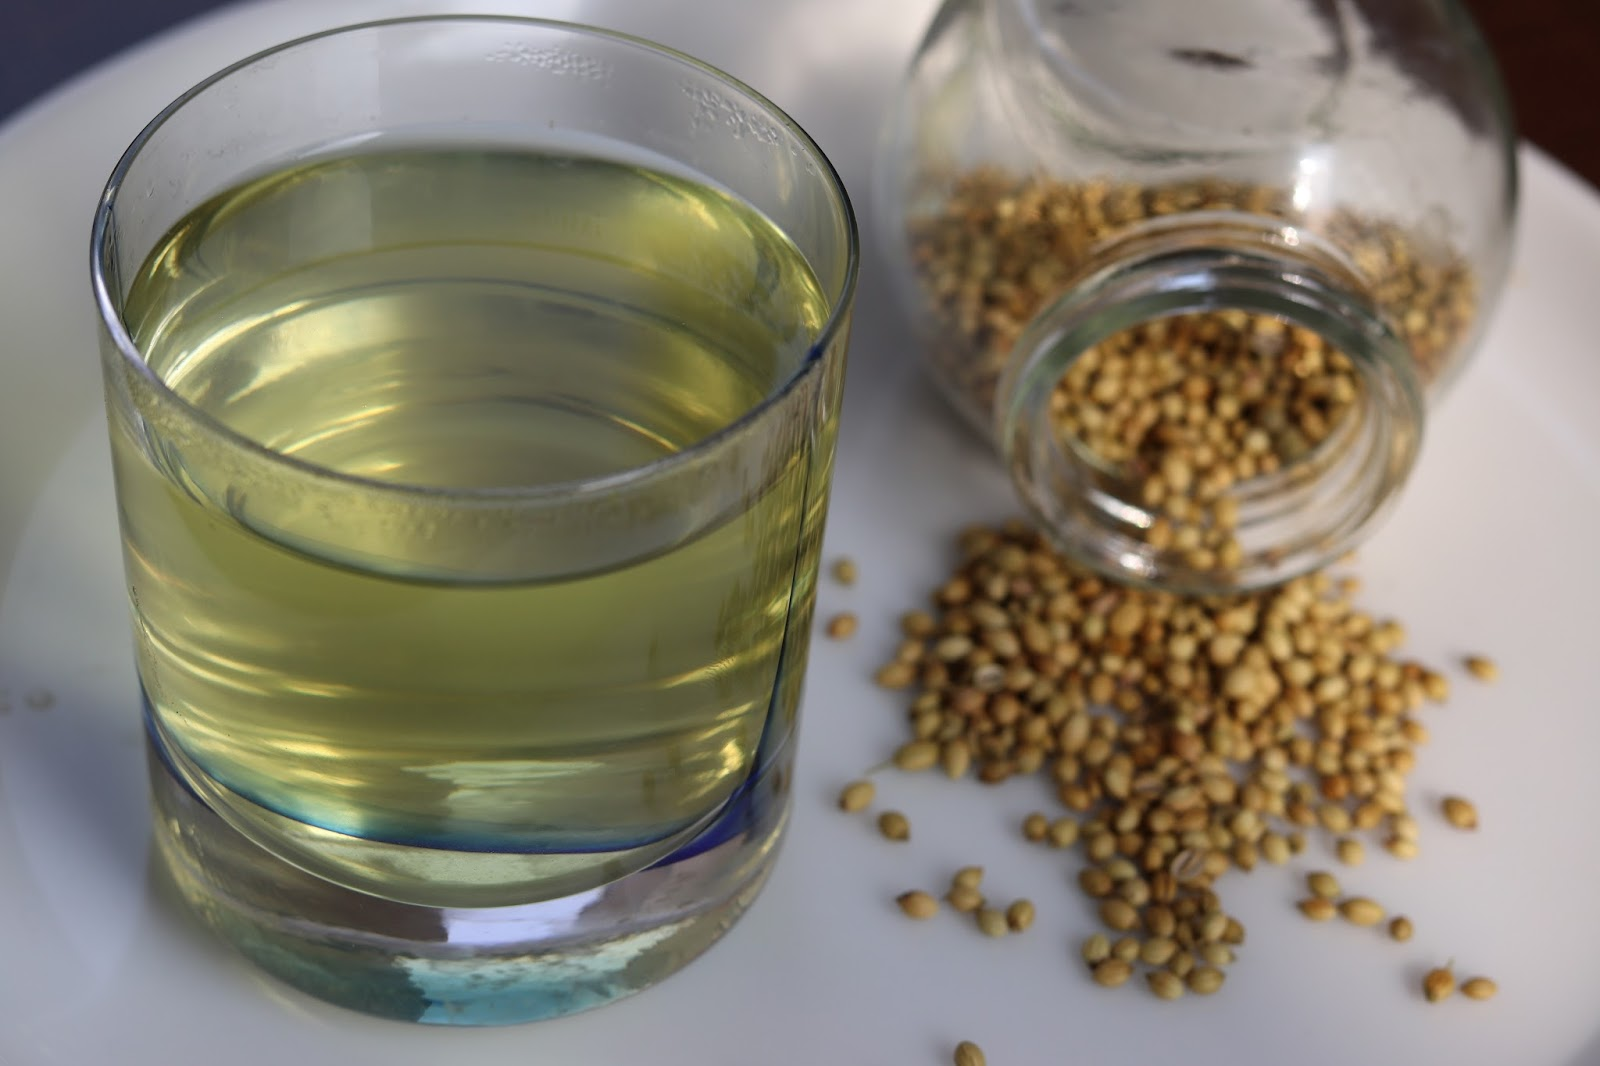 PunjabKesari, Coriander seeds water Image, Thyroid Image, Thyroid Remedy Image